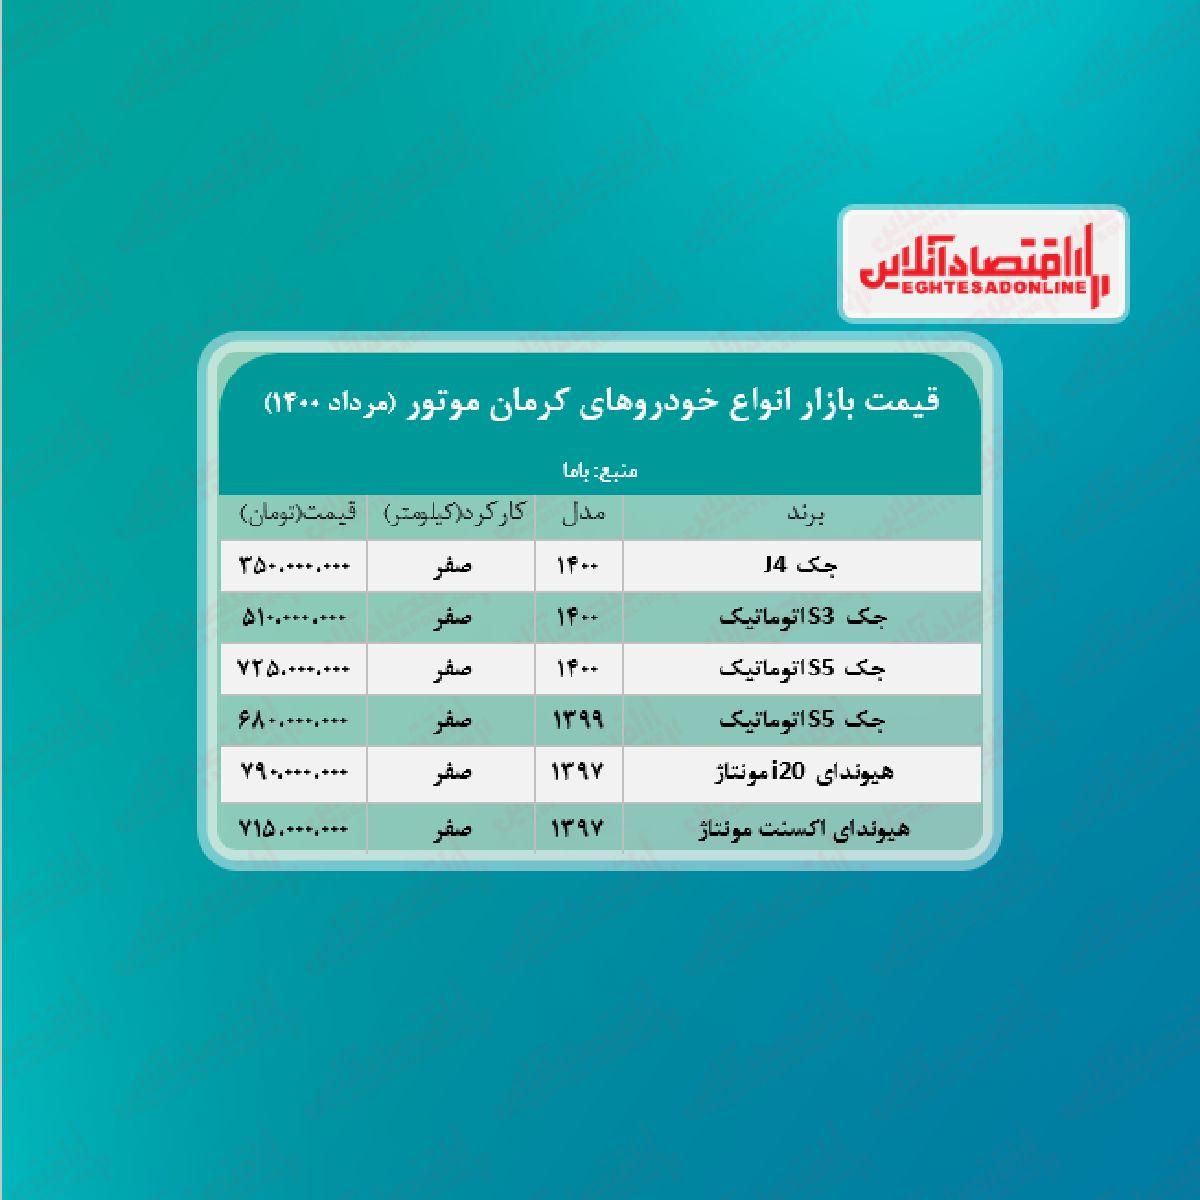 قیمت محصولات کرمان موتور امروز ۱۴۰۰/۵/۲۴